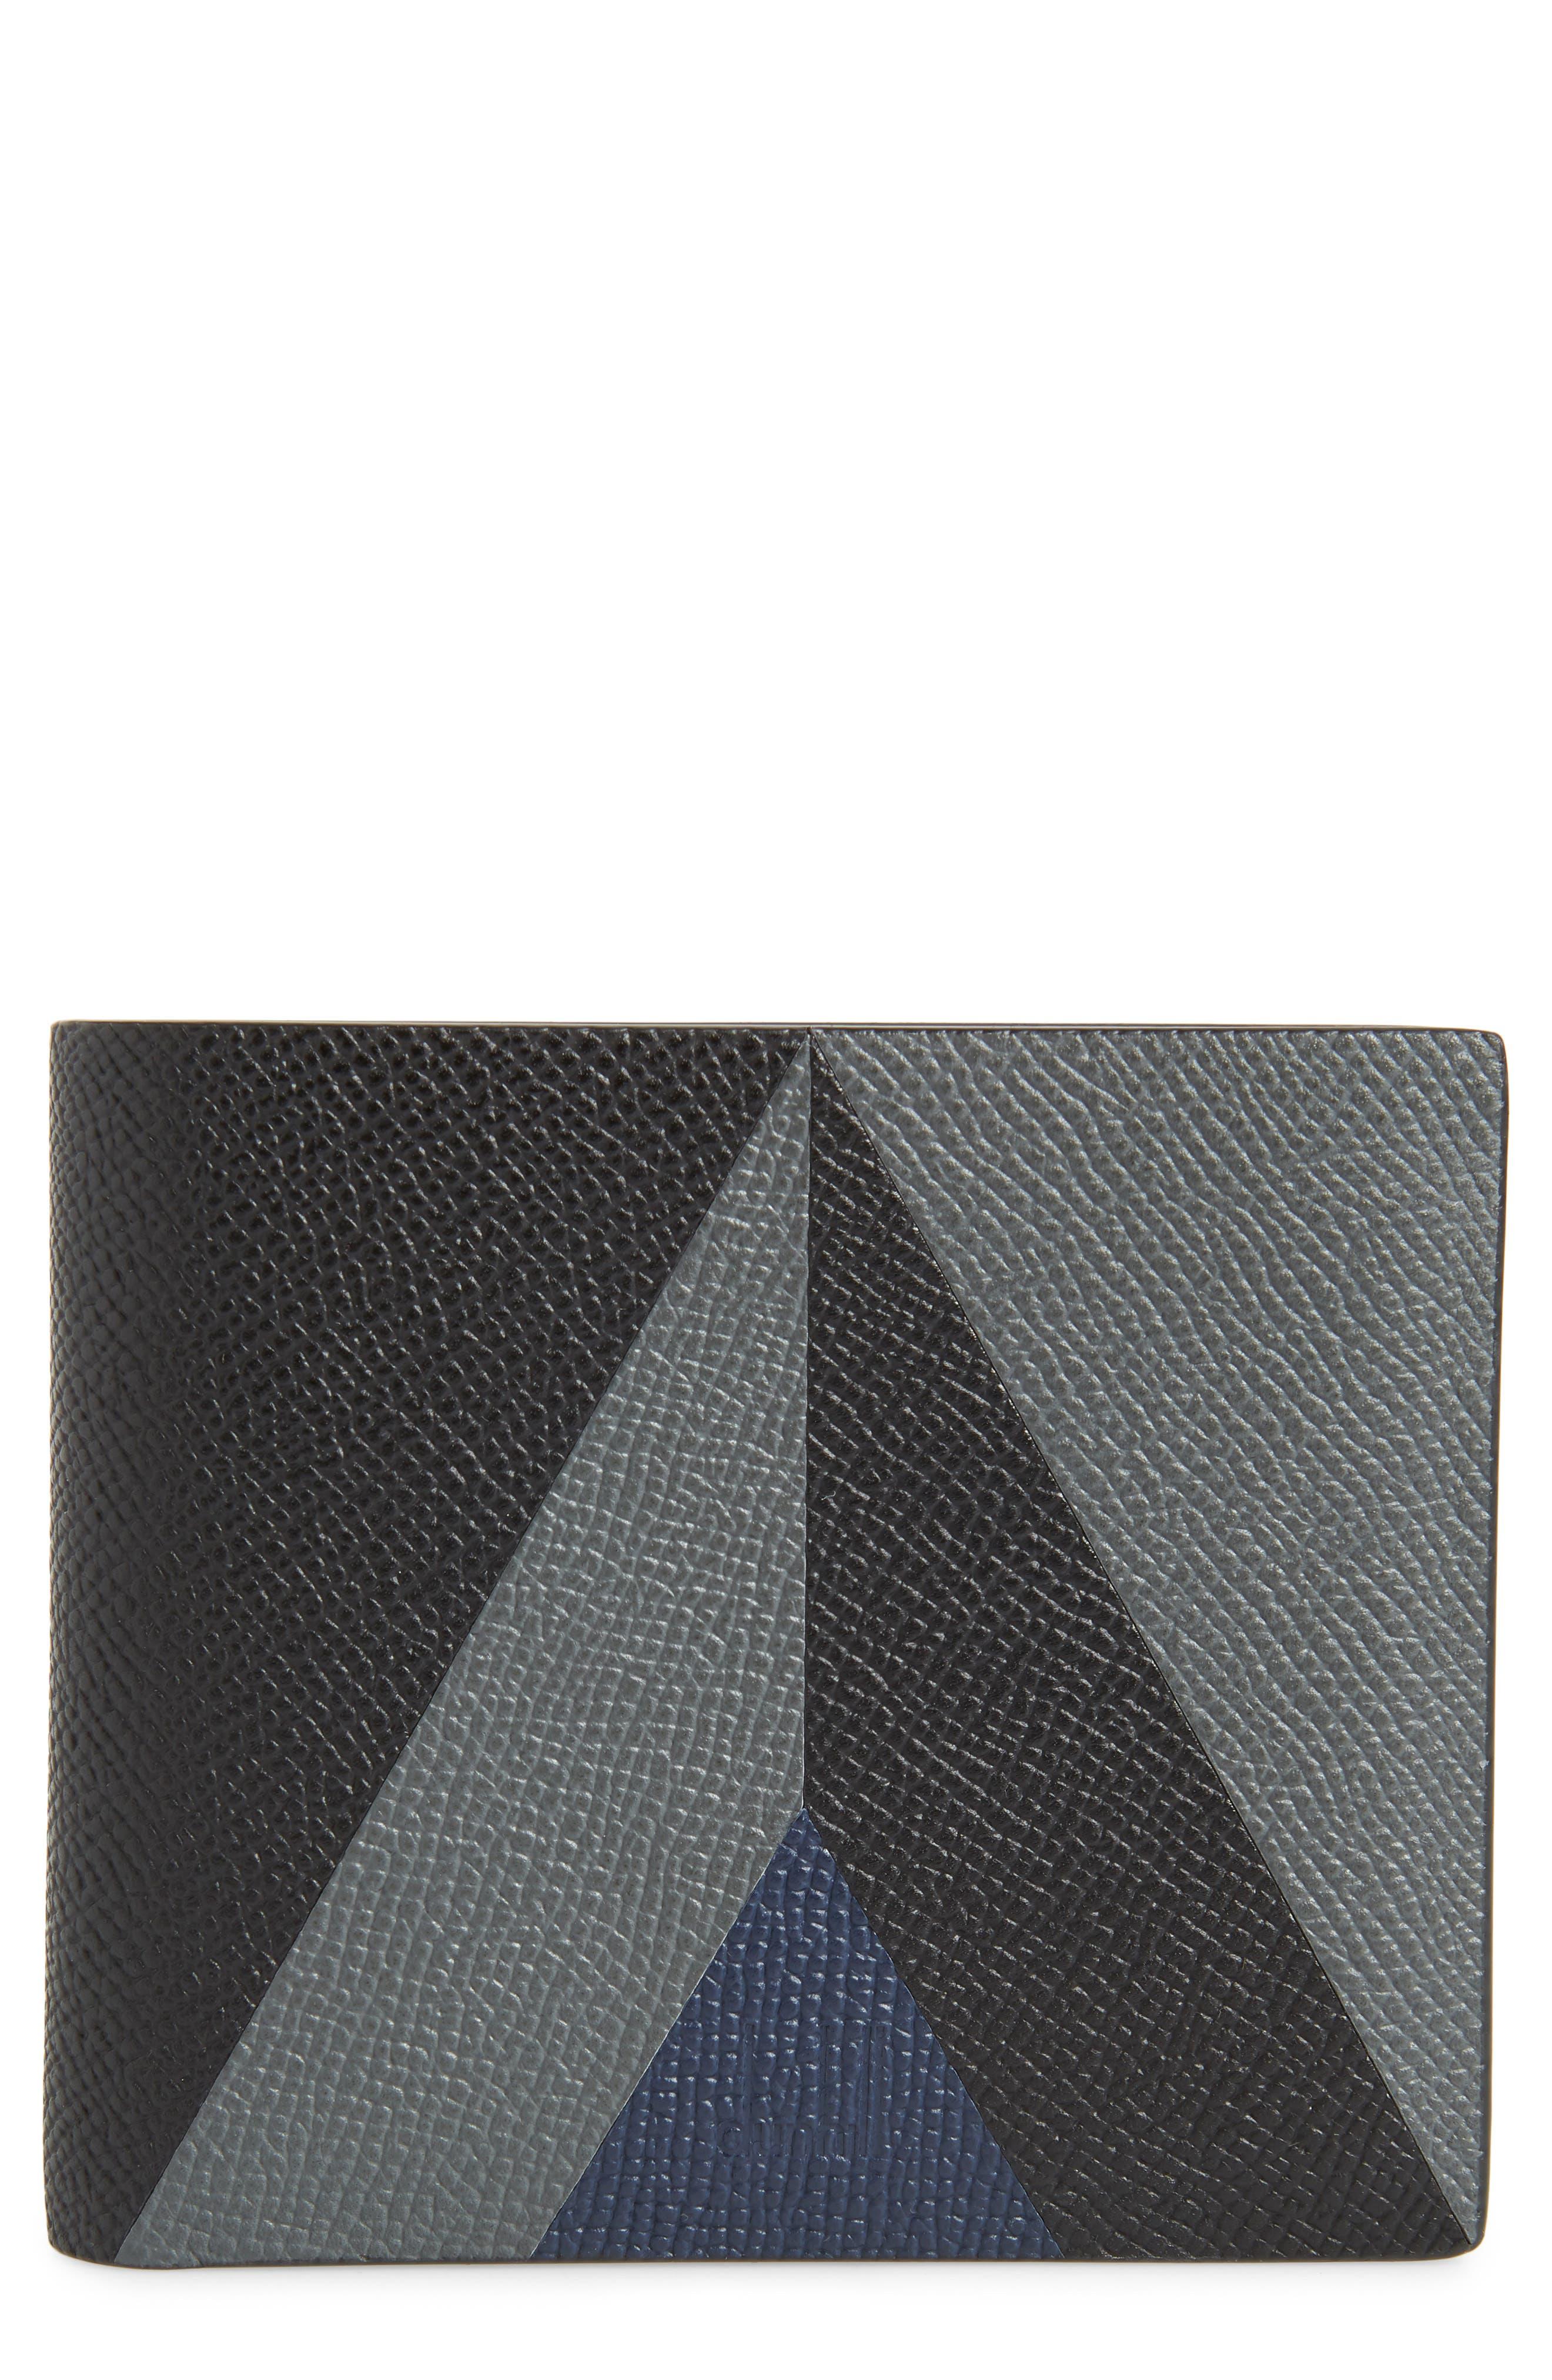 Cadogan Leather Wallet, Main, color, BLACK